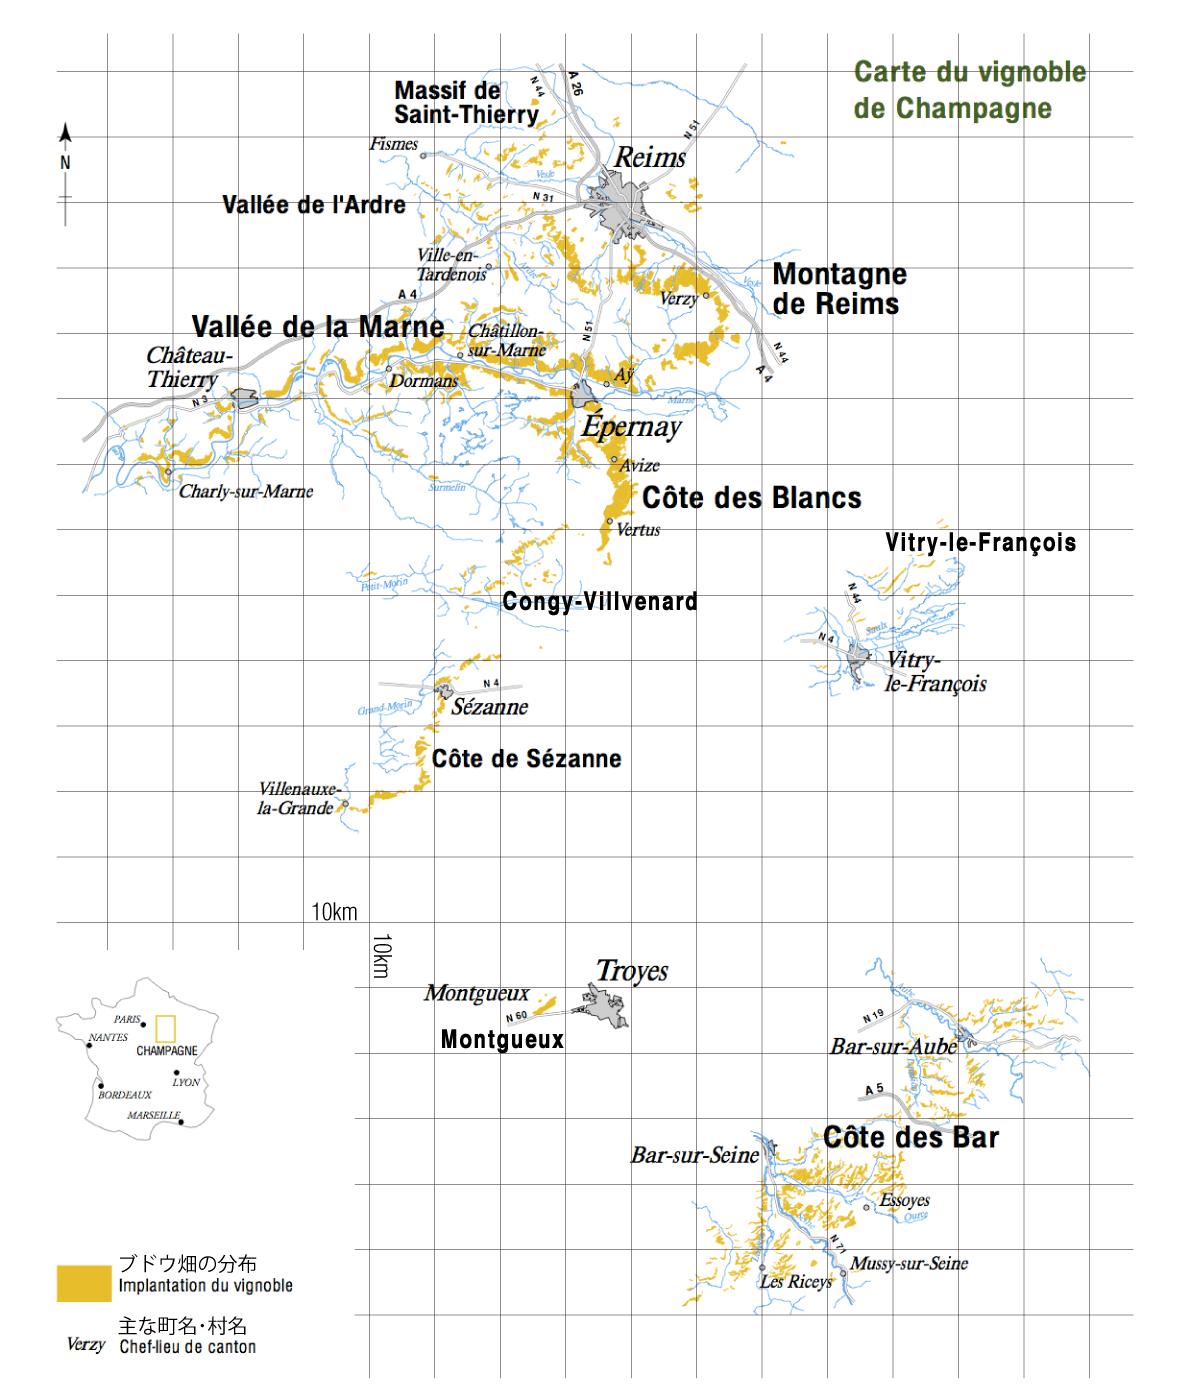 シャンパーニュ地方map1